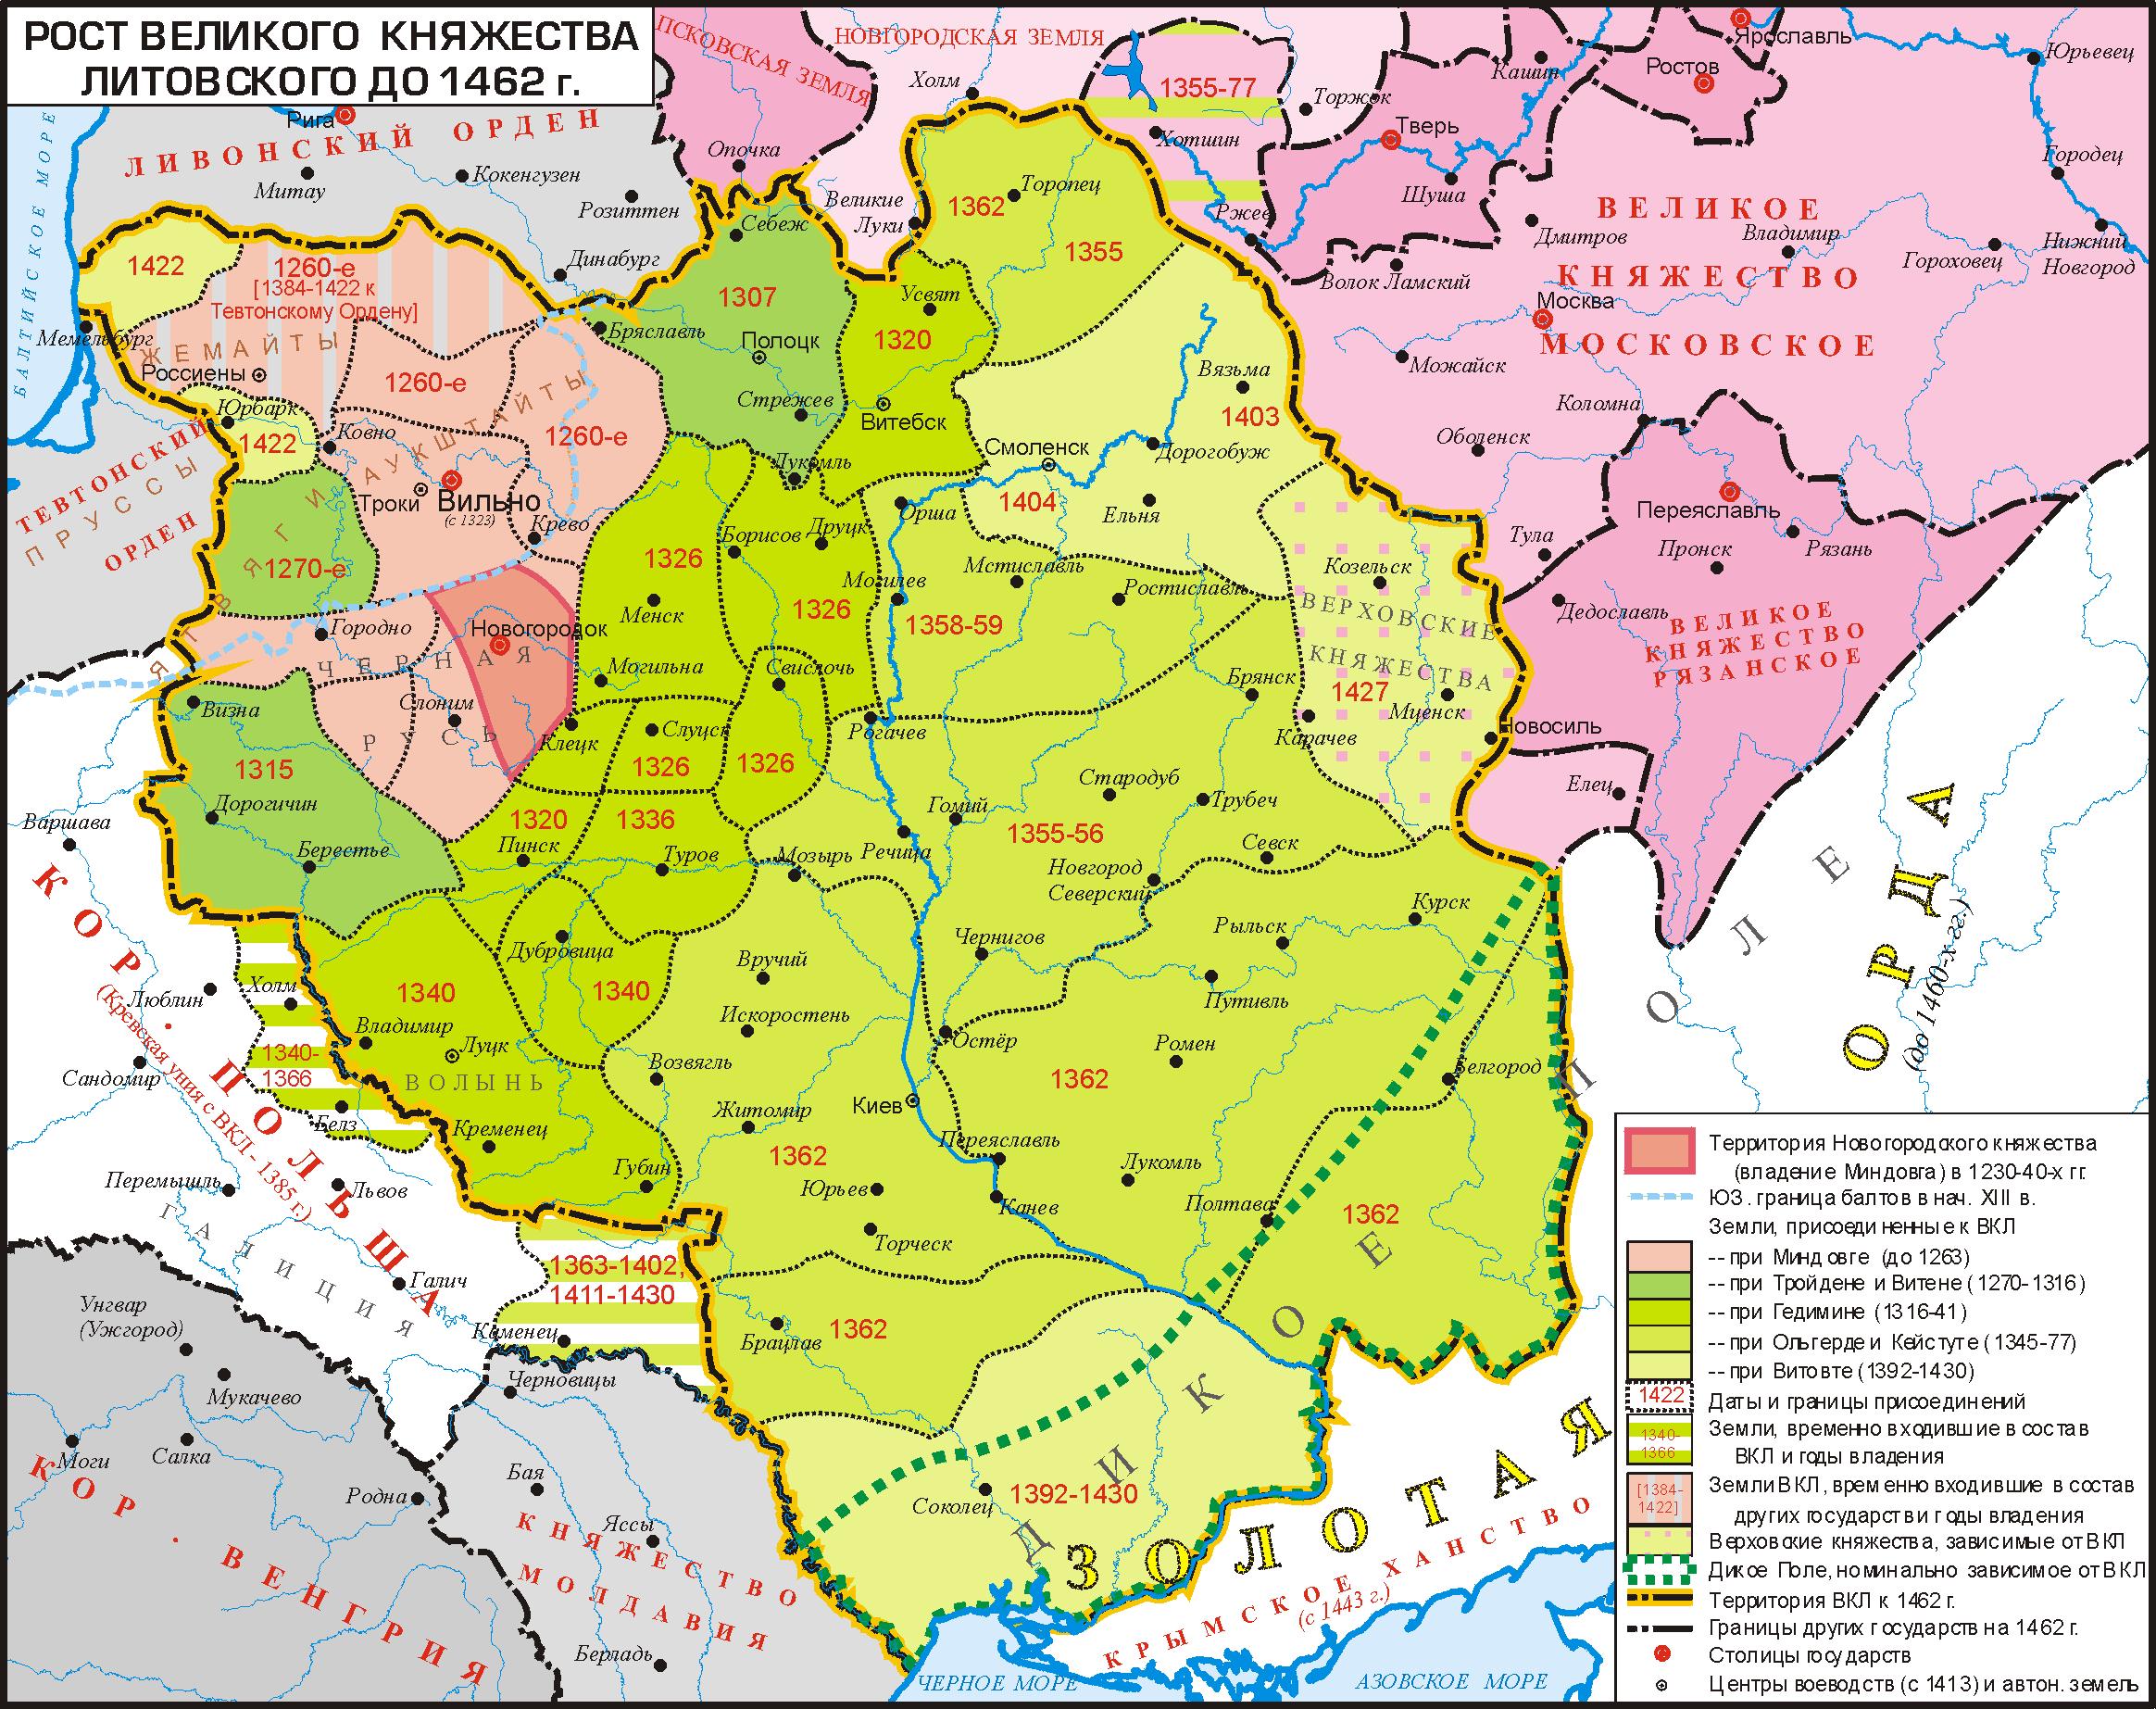 Великое княжество литовское в 15 веке